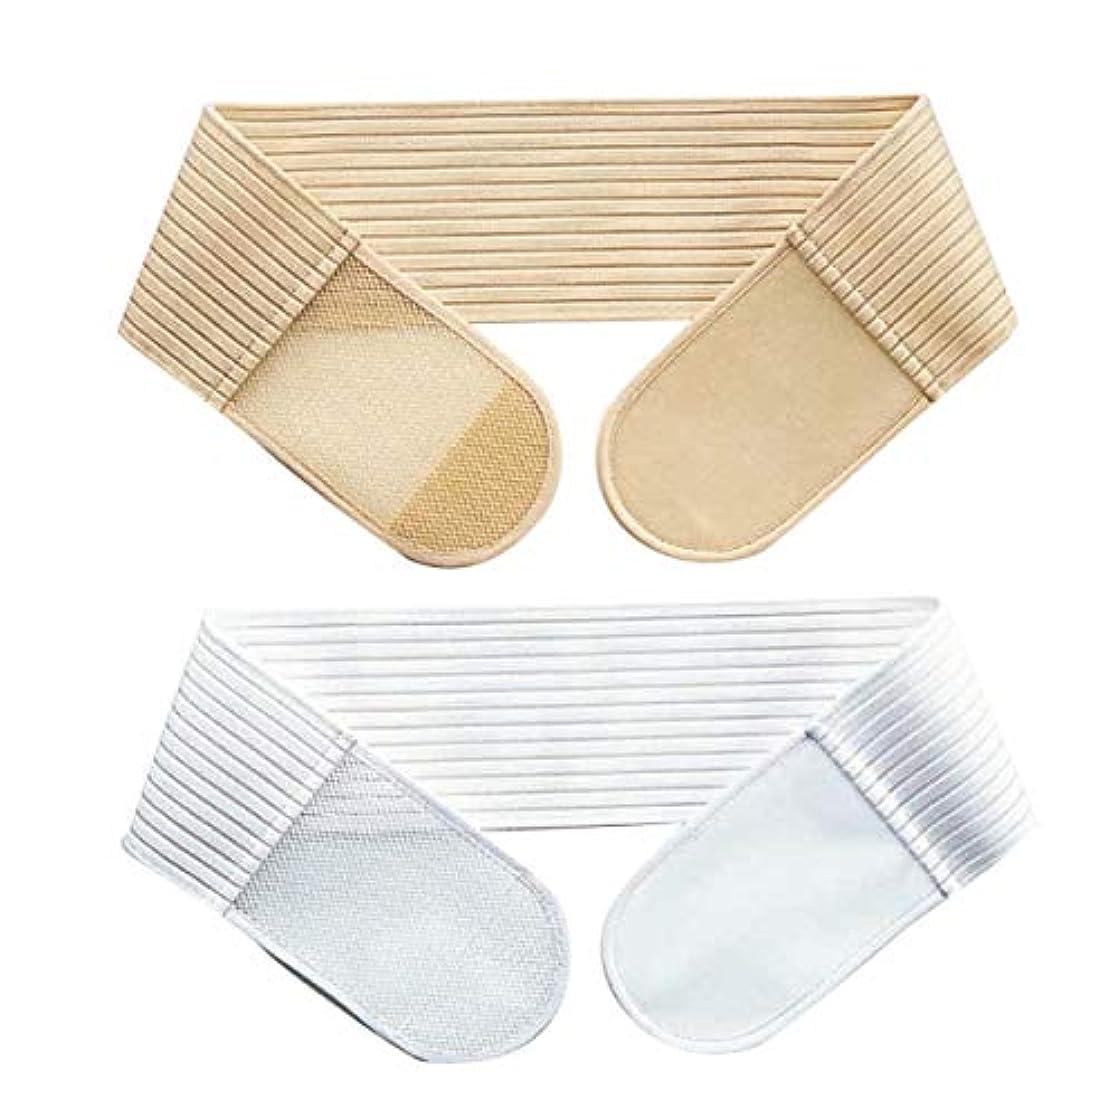 骨盤矯正 骨盤ベルト 日本製 産後 ダイエット 腰痛 ウエストベルト 骨盤サポートベルト 全2色